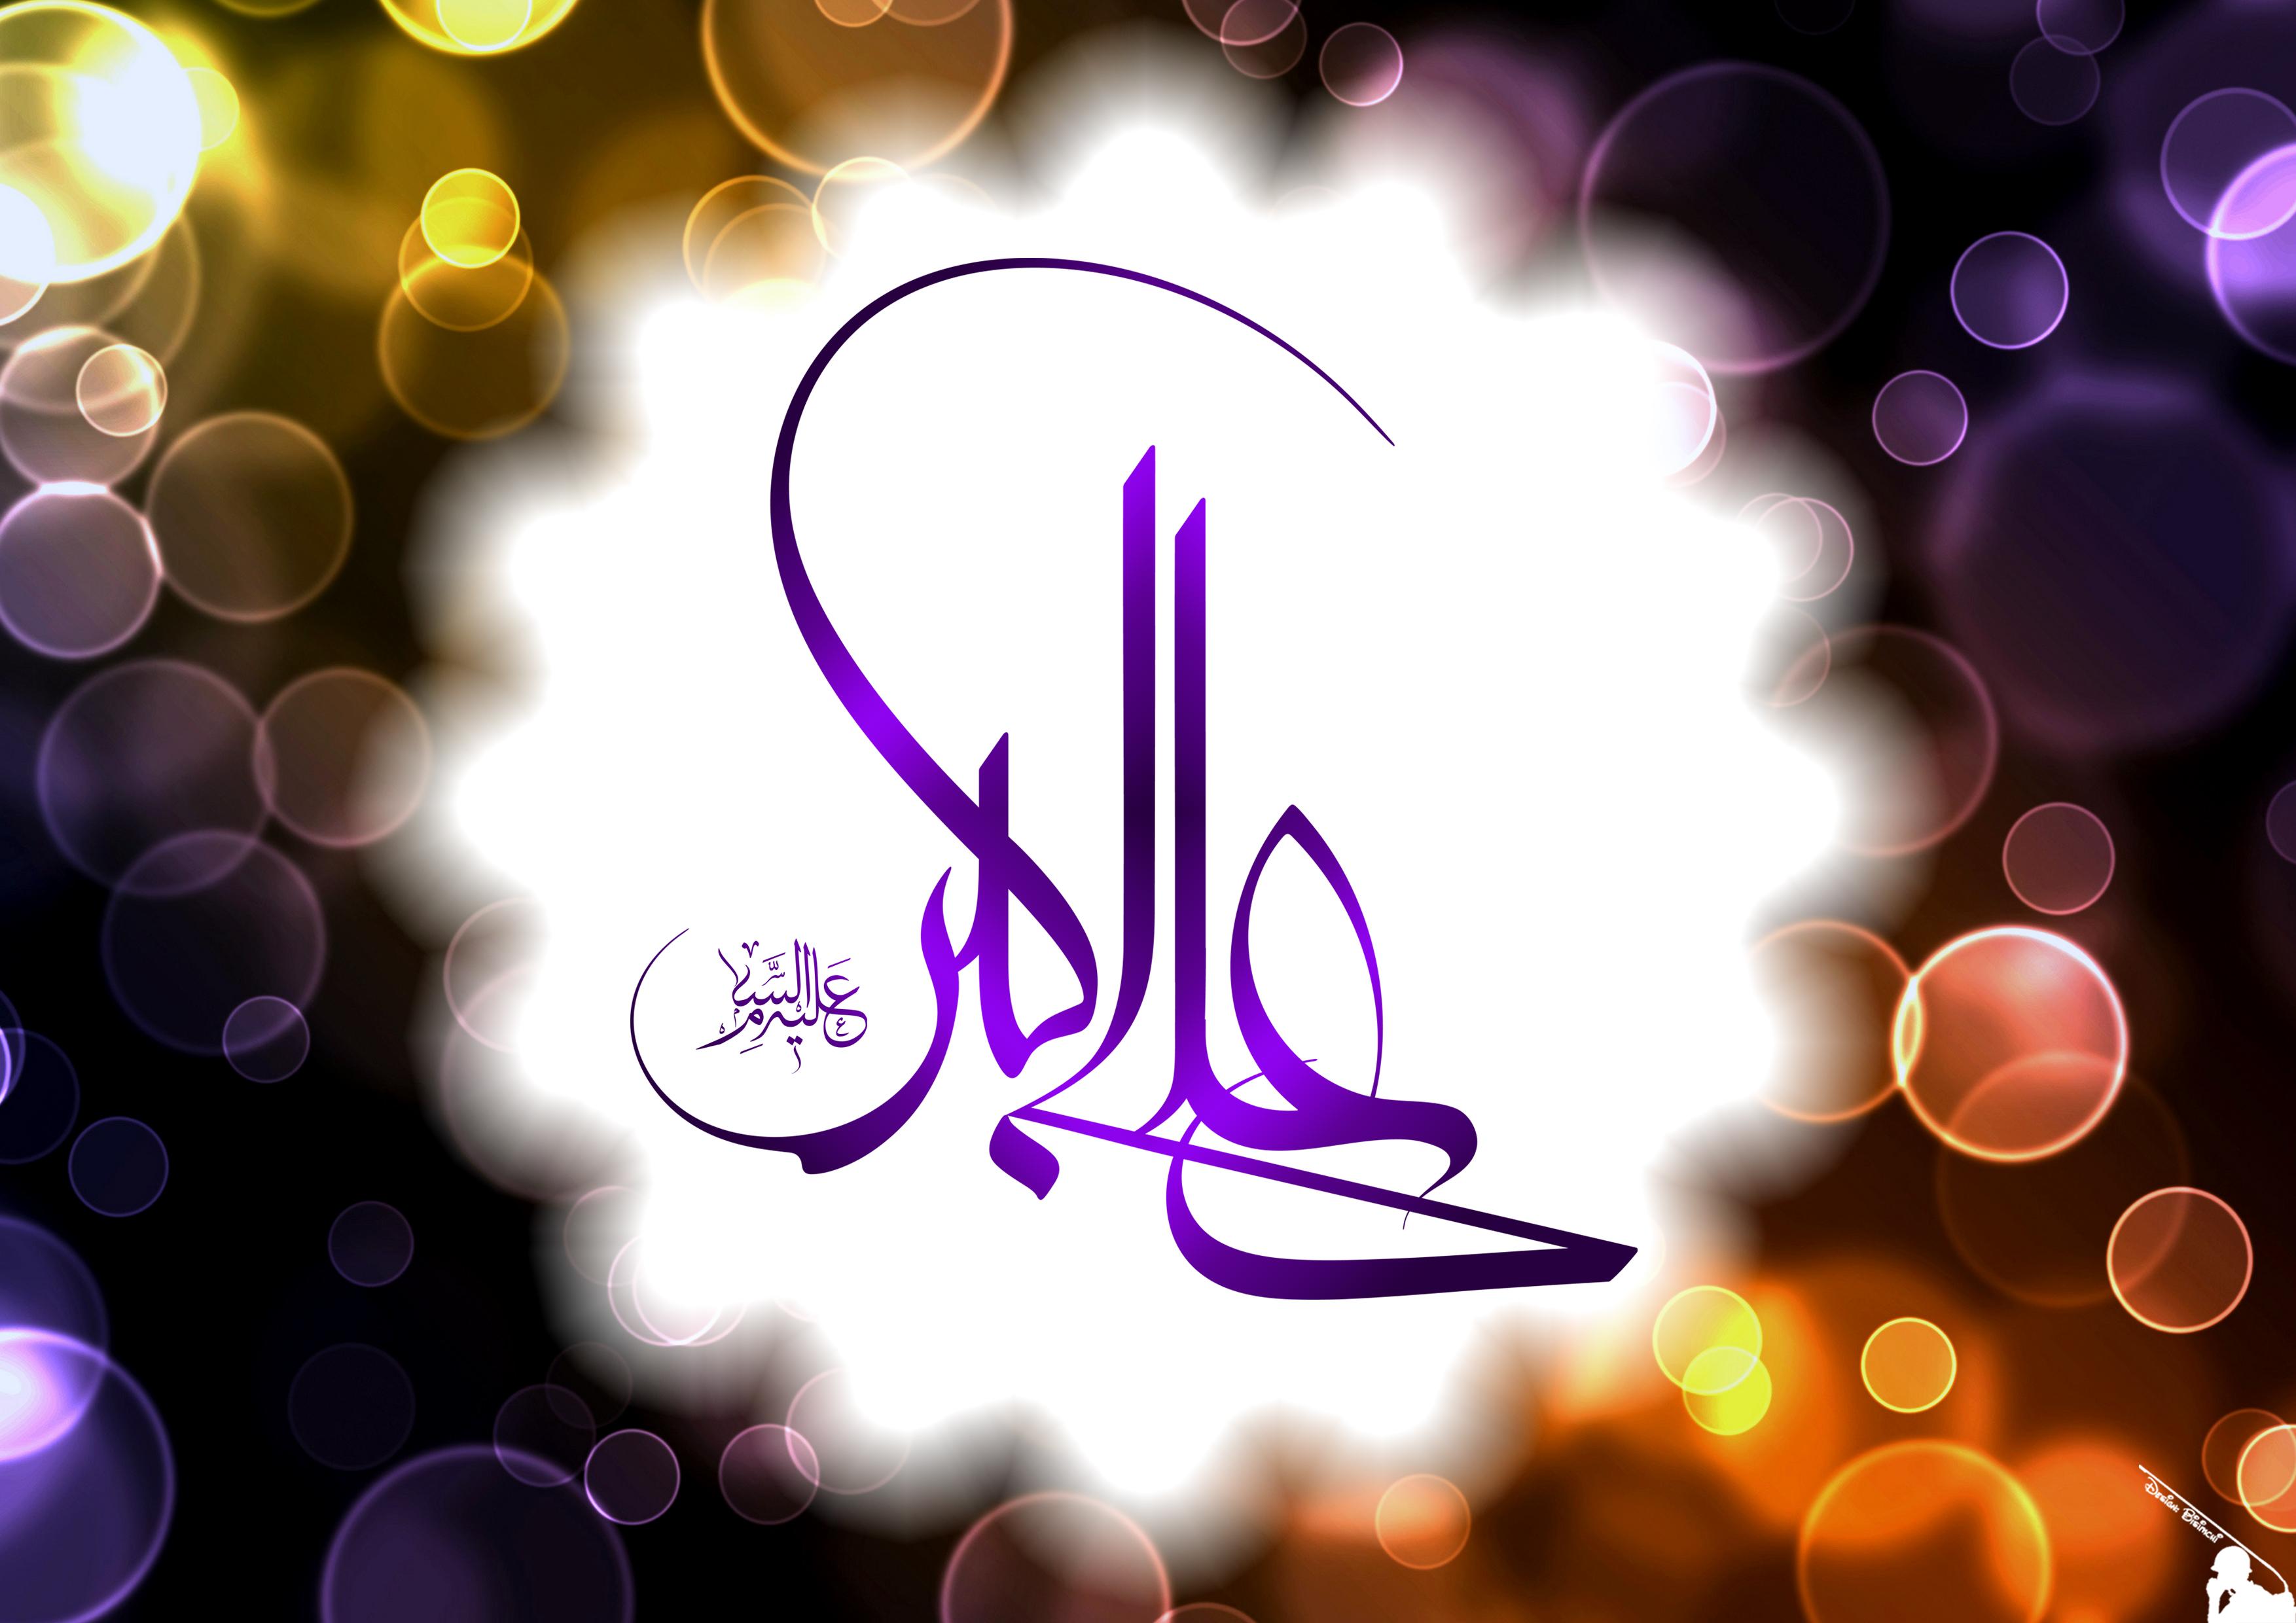 میلاد حضرت علی اکبر | ولادت حضرت علی اکبر تصاویر